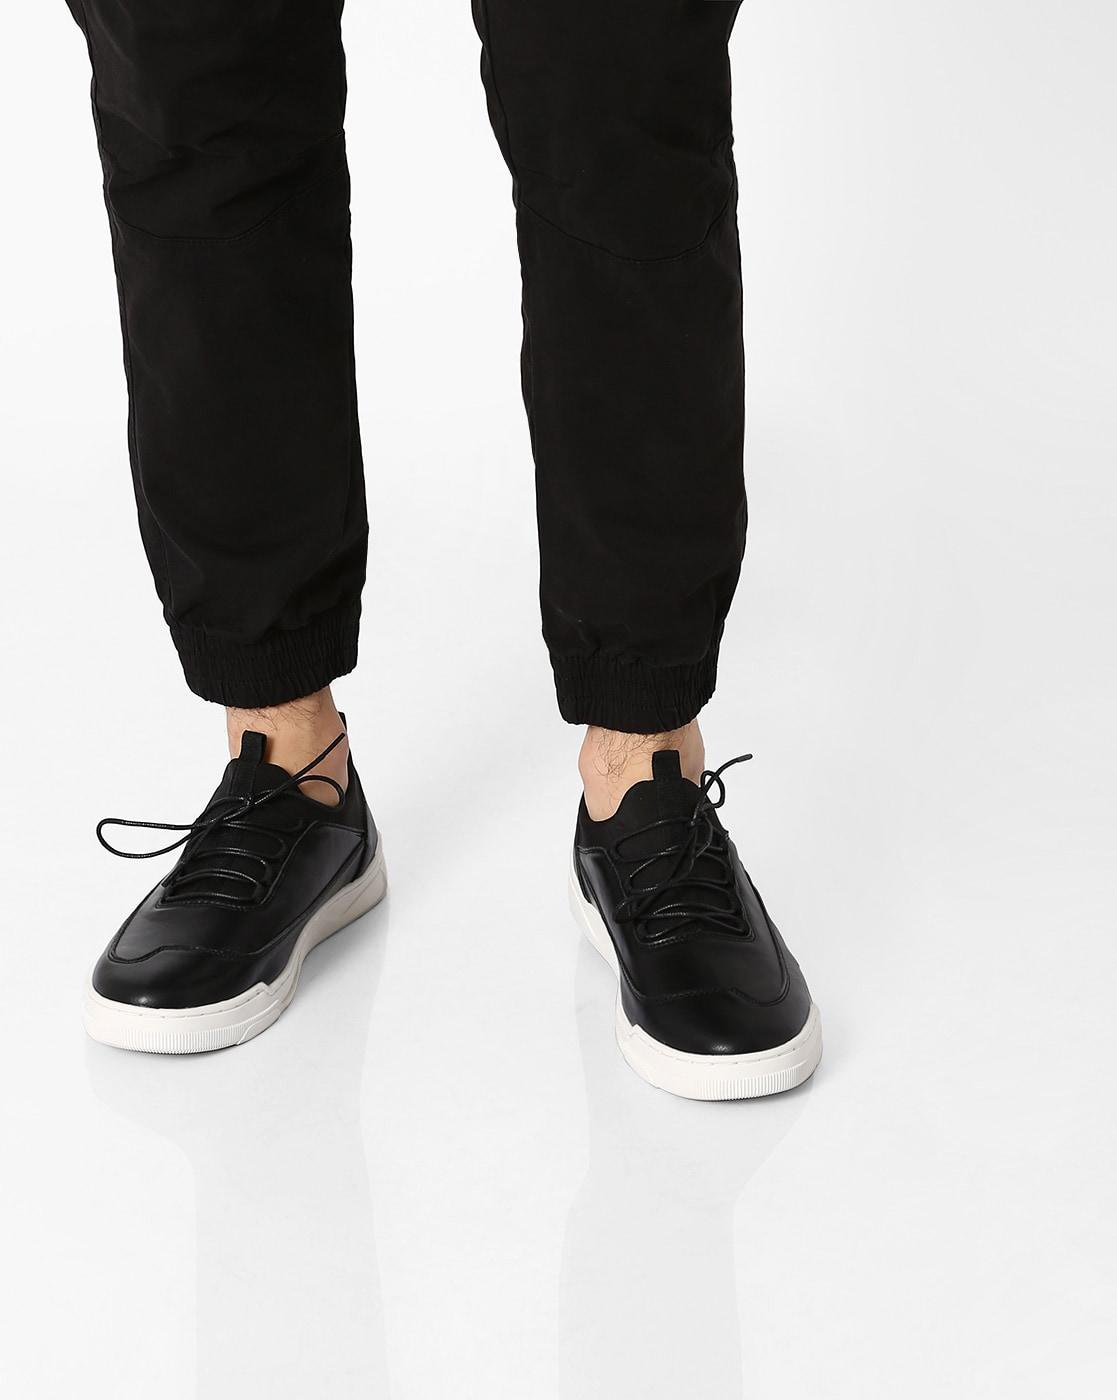 ajio sneakers